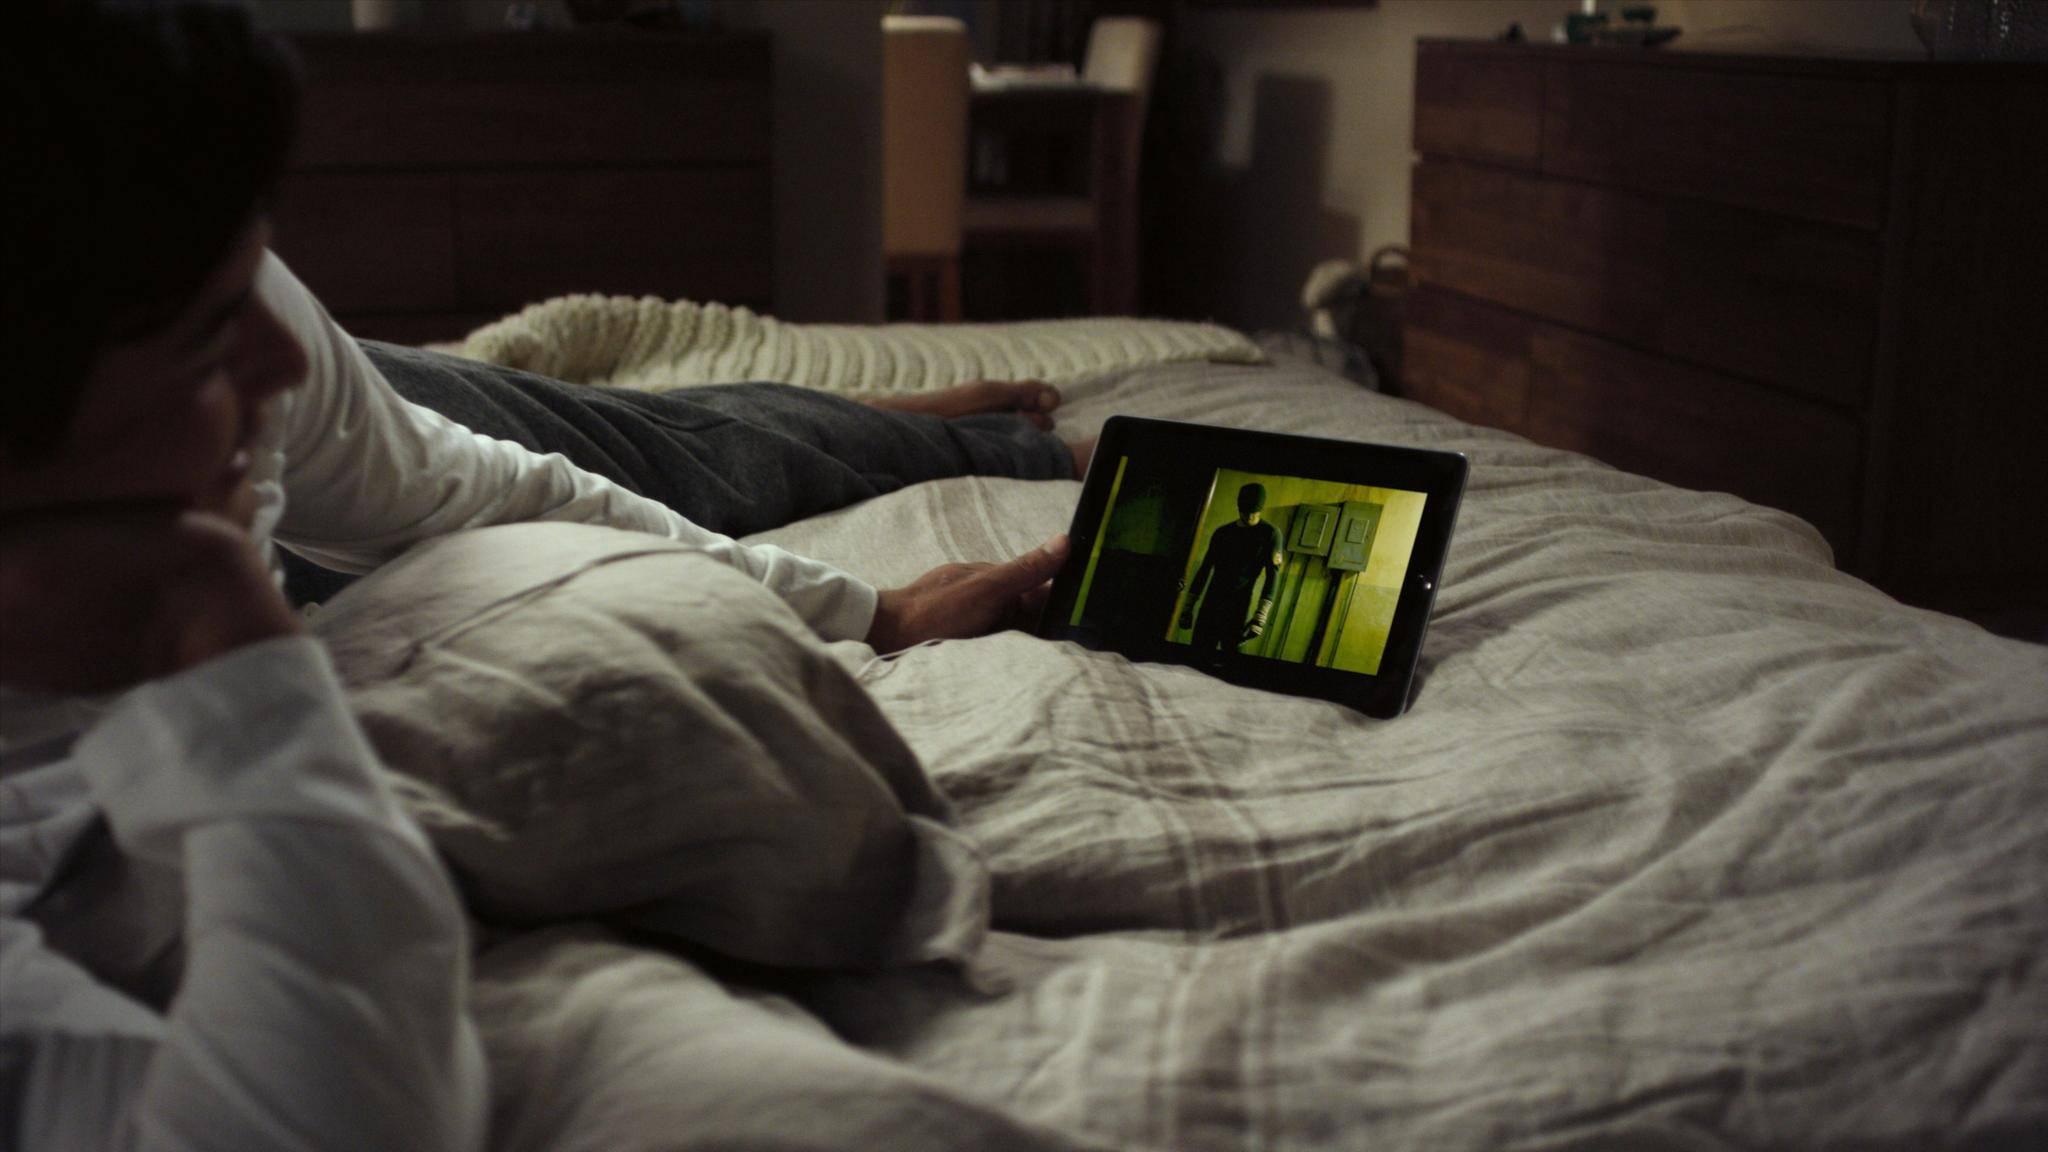 Wenn Netflix nicht mehr funktioniert, ist der Serienabend in Gefahr.